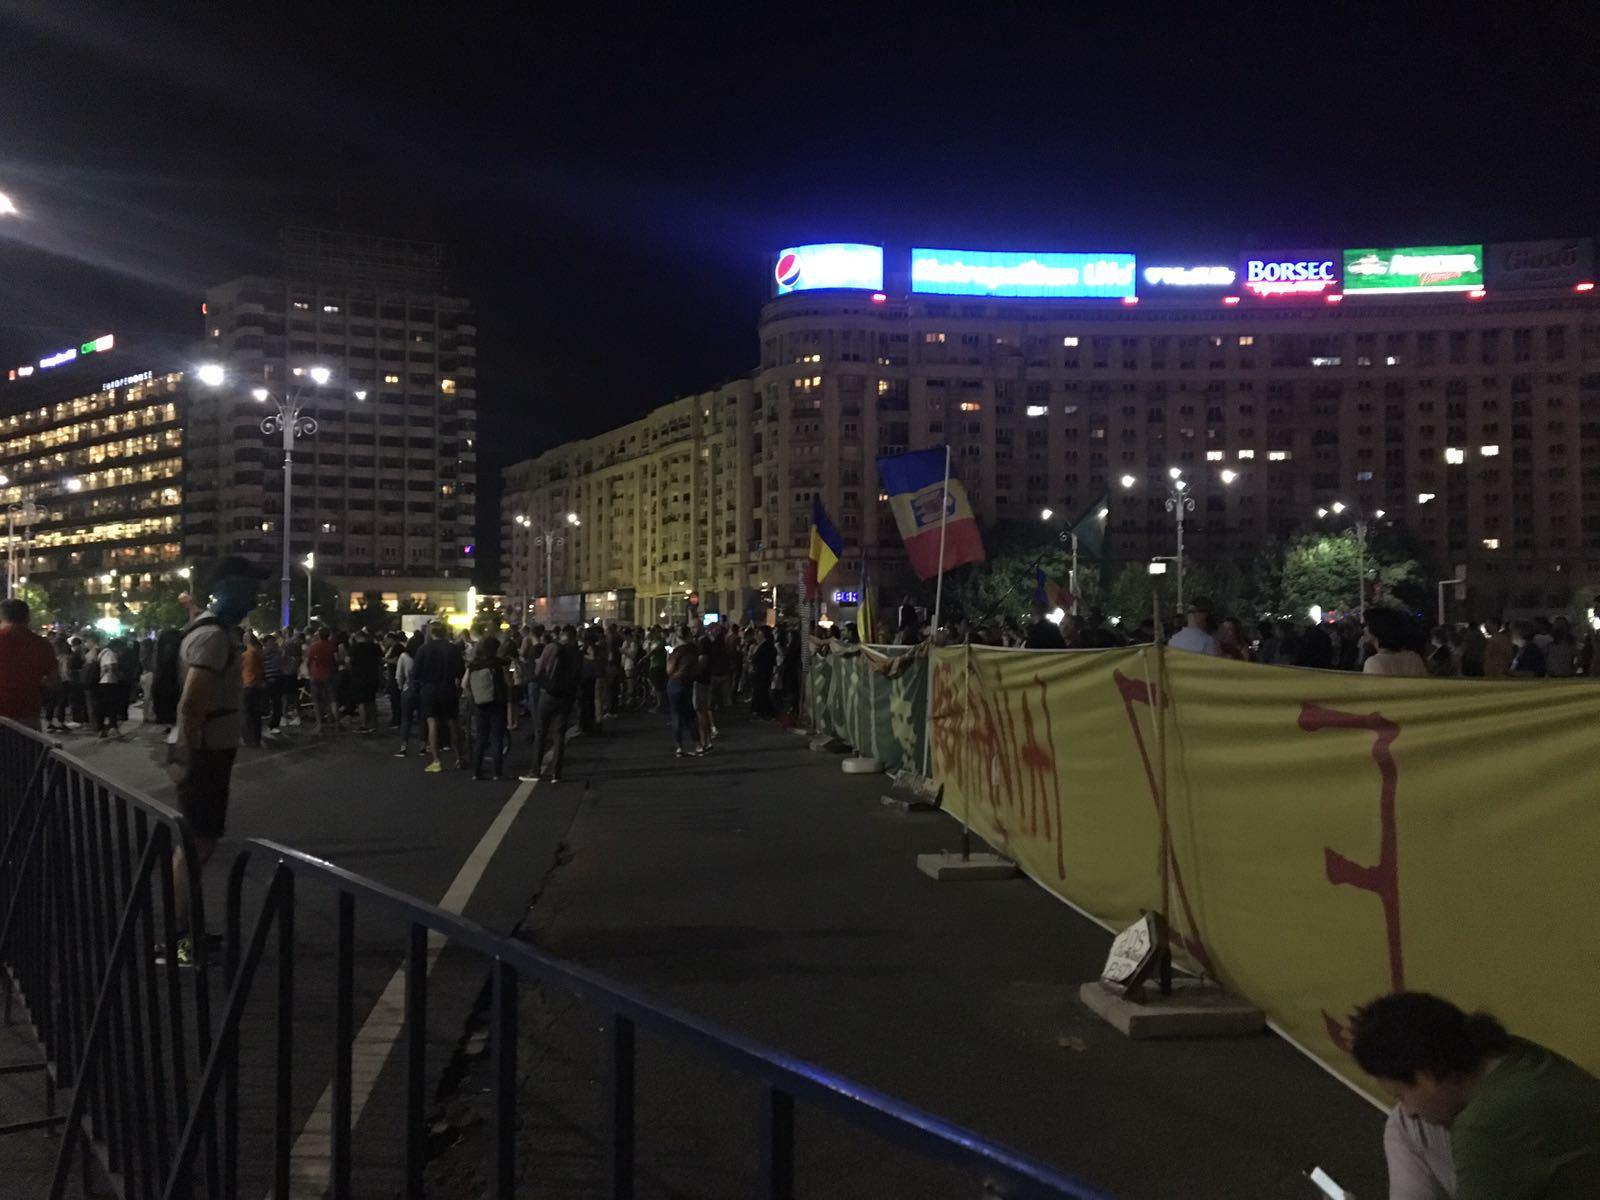 FOTO, VIDEO | Protest în Piaţa Victoriei din Capitală faţă de proiectul de modificare a legilor justiţiei/ Oamenii au început să se retragă